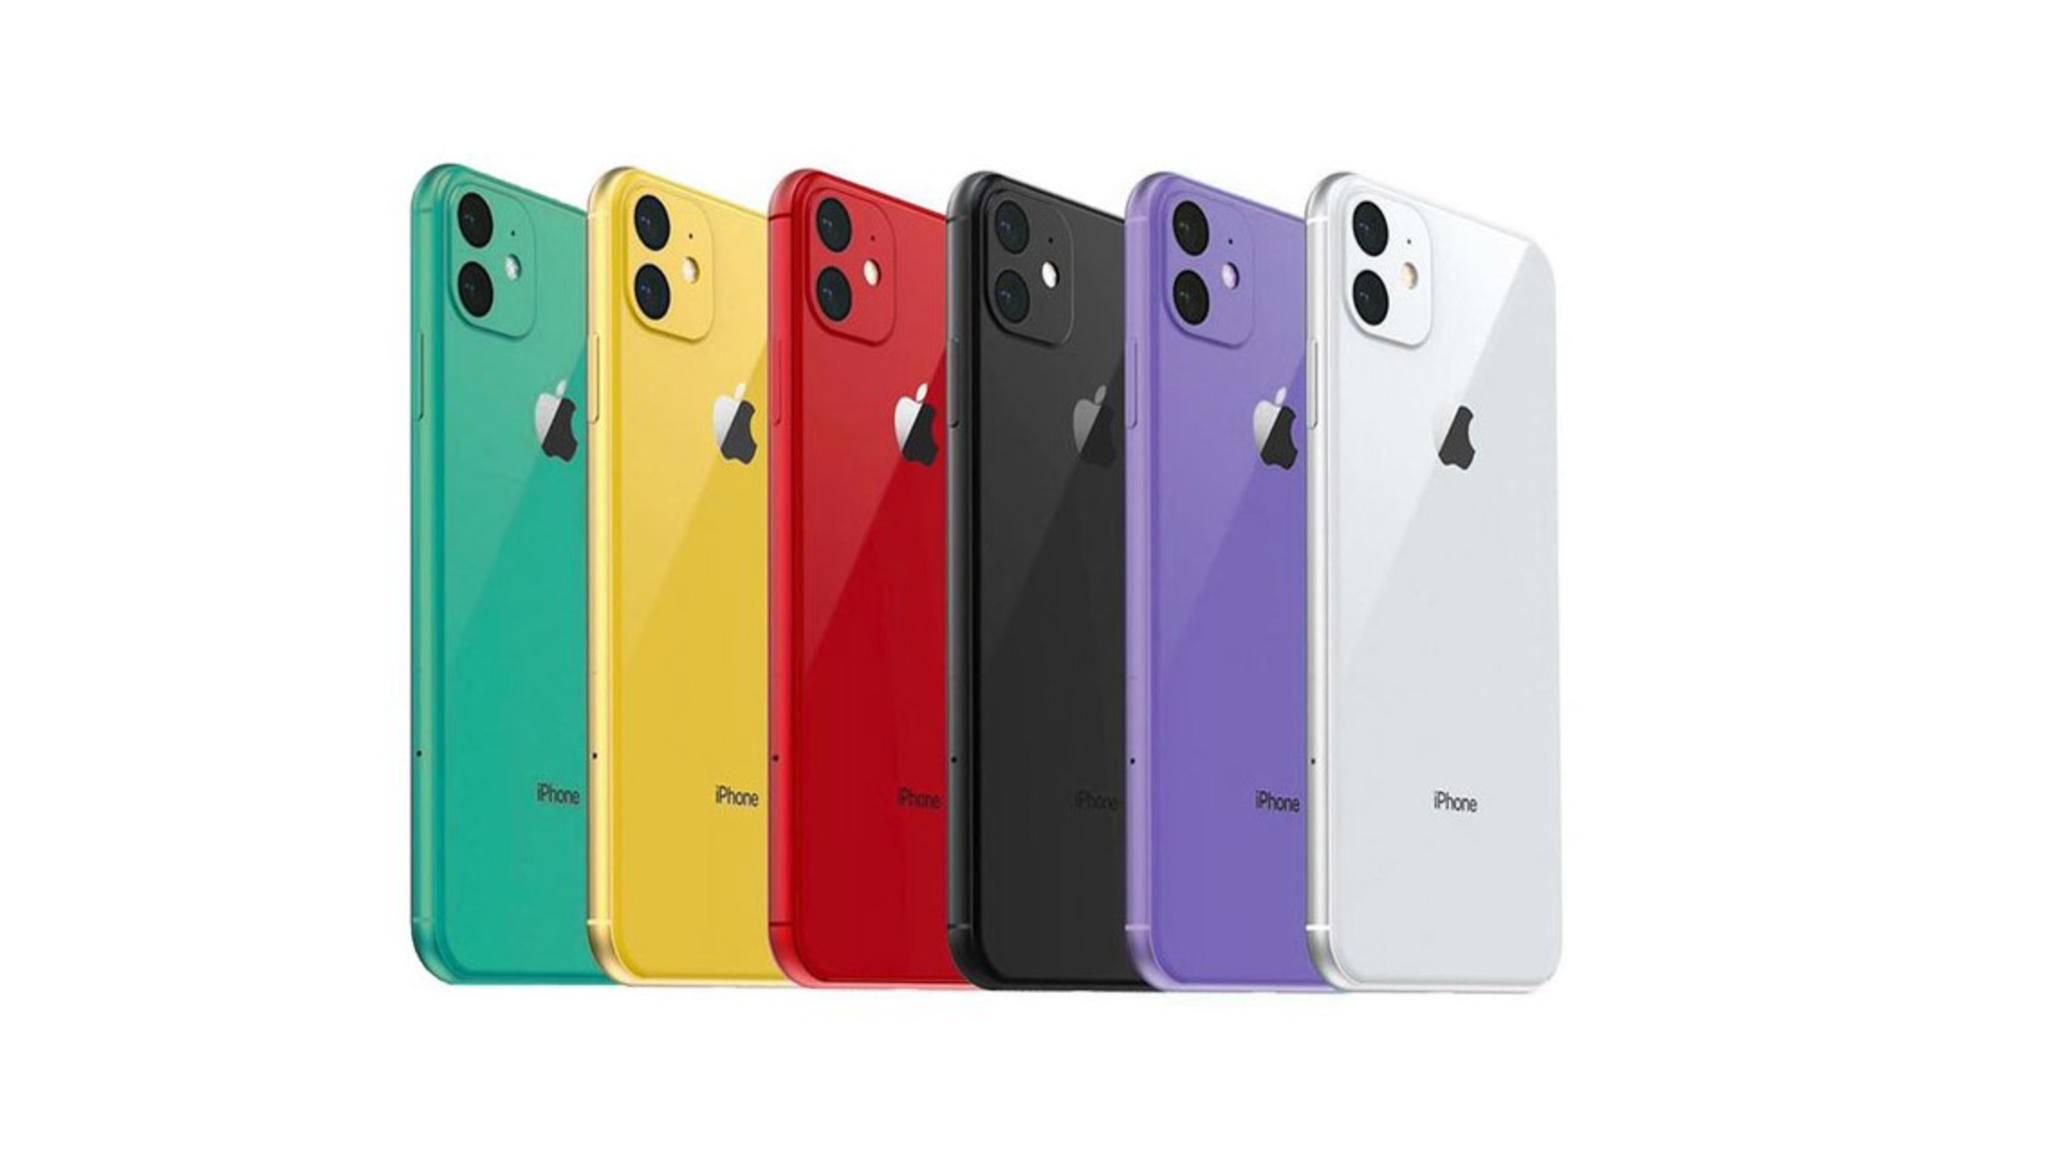 Wird das iPhone XR 2019 in Grün und Lavendel erscheinen?